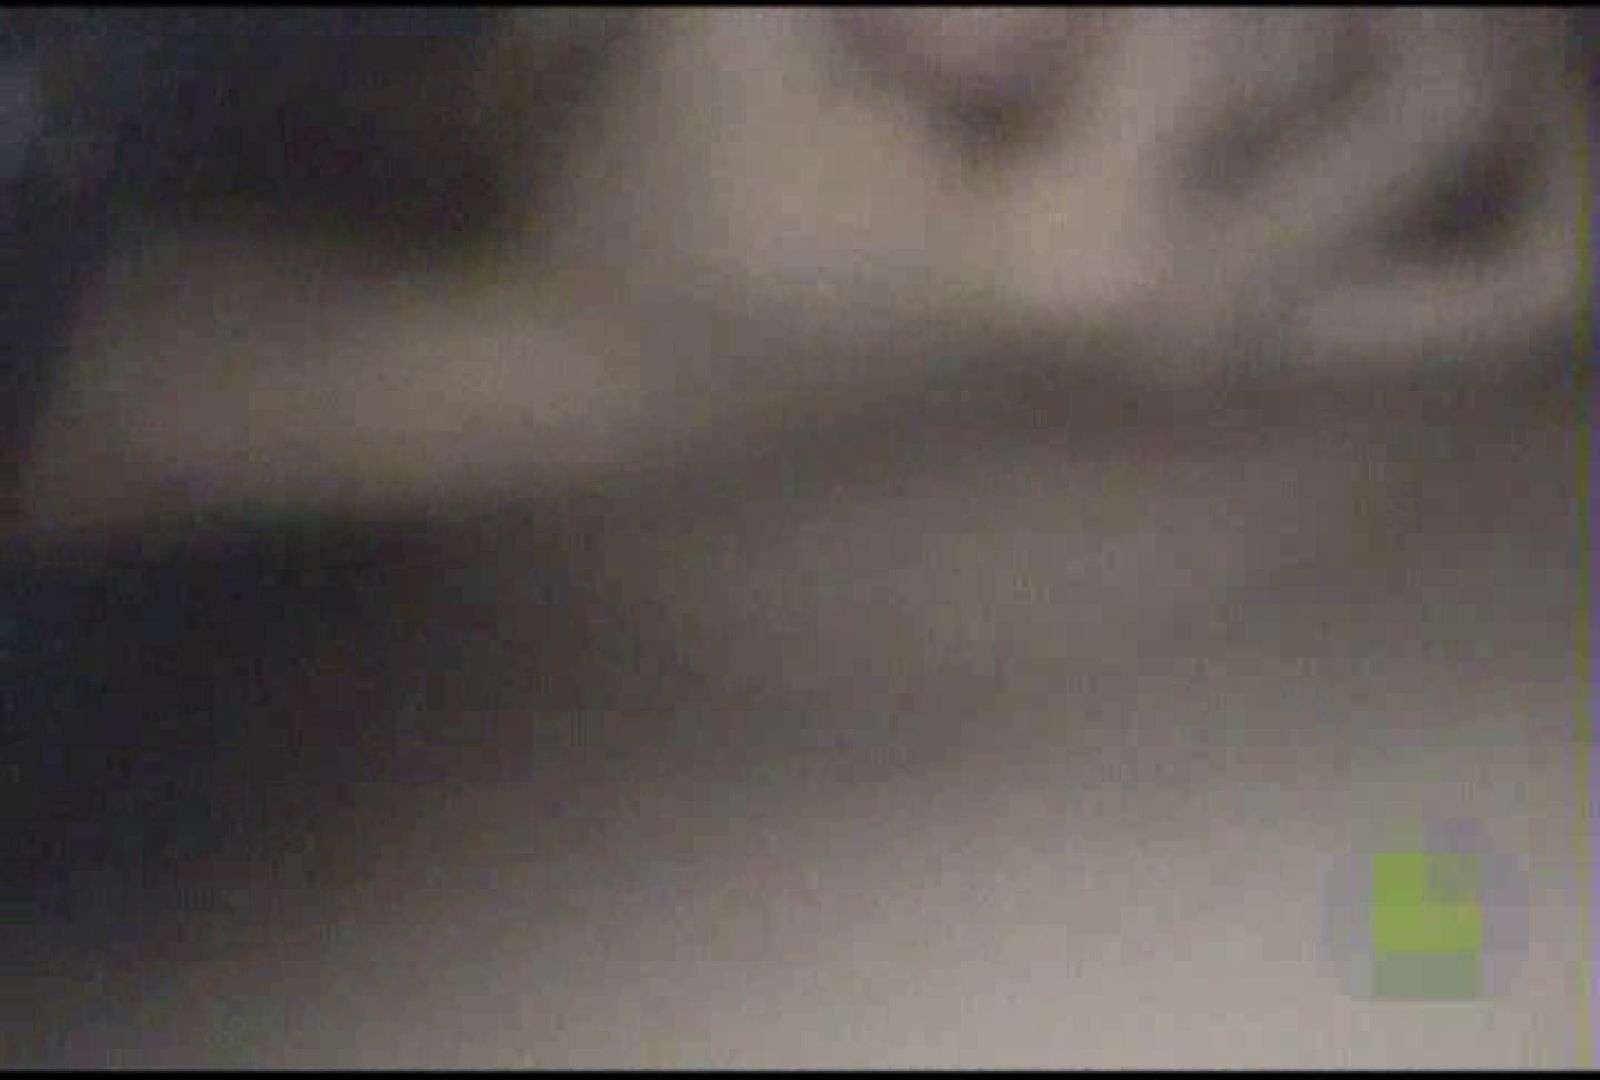 体育会系オナニー部Vol.2 美しいOLの裸体 エロ画像 96pic 7